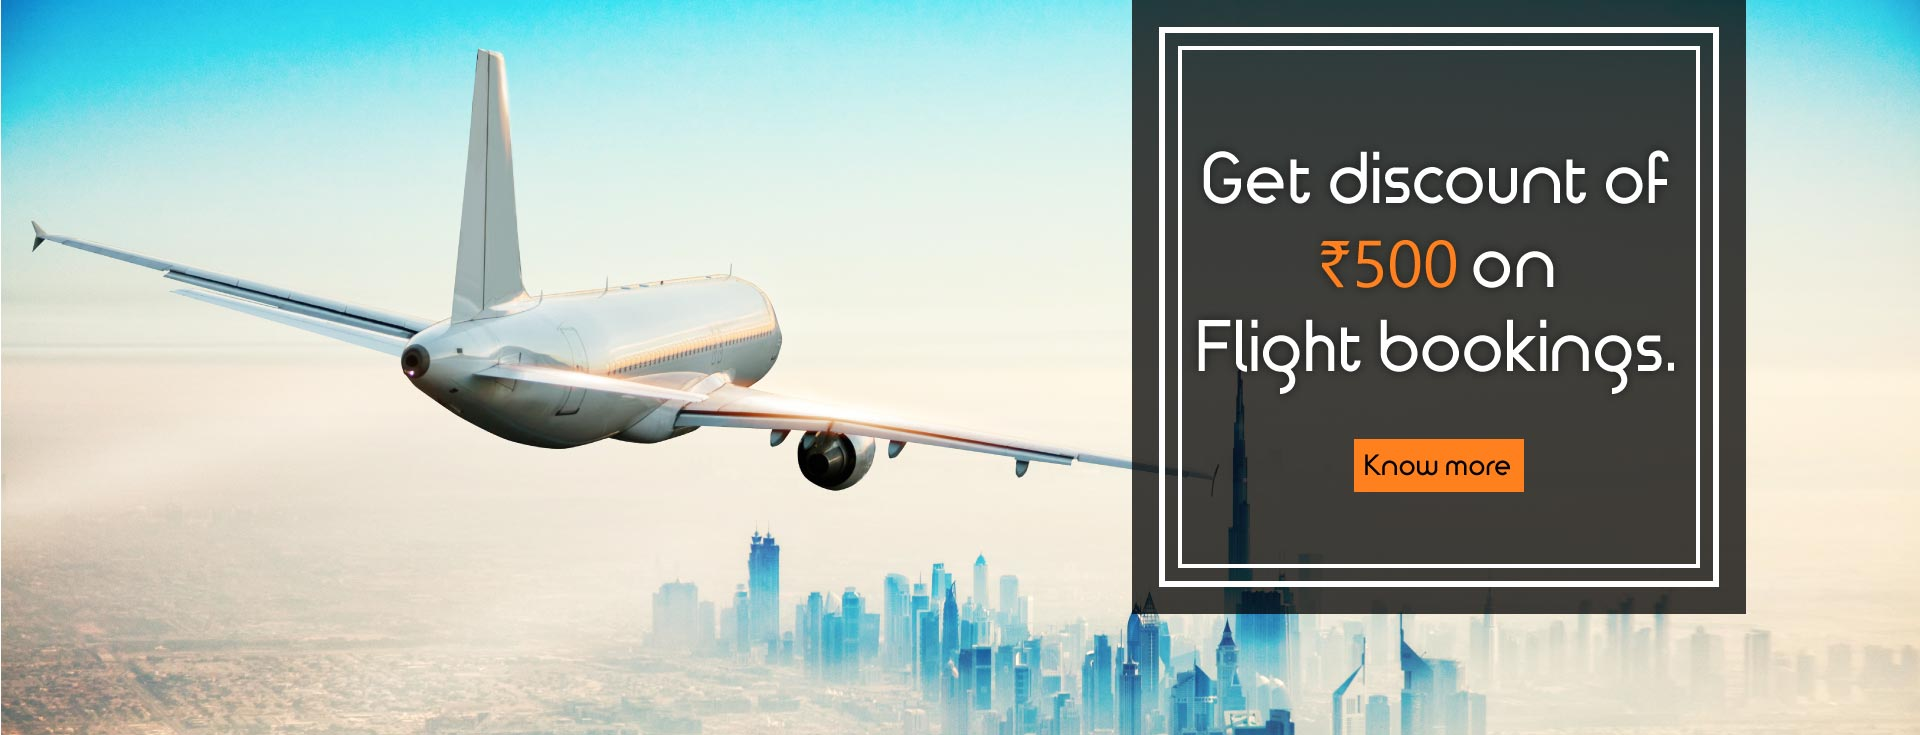 Flights Bookings